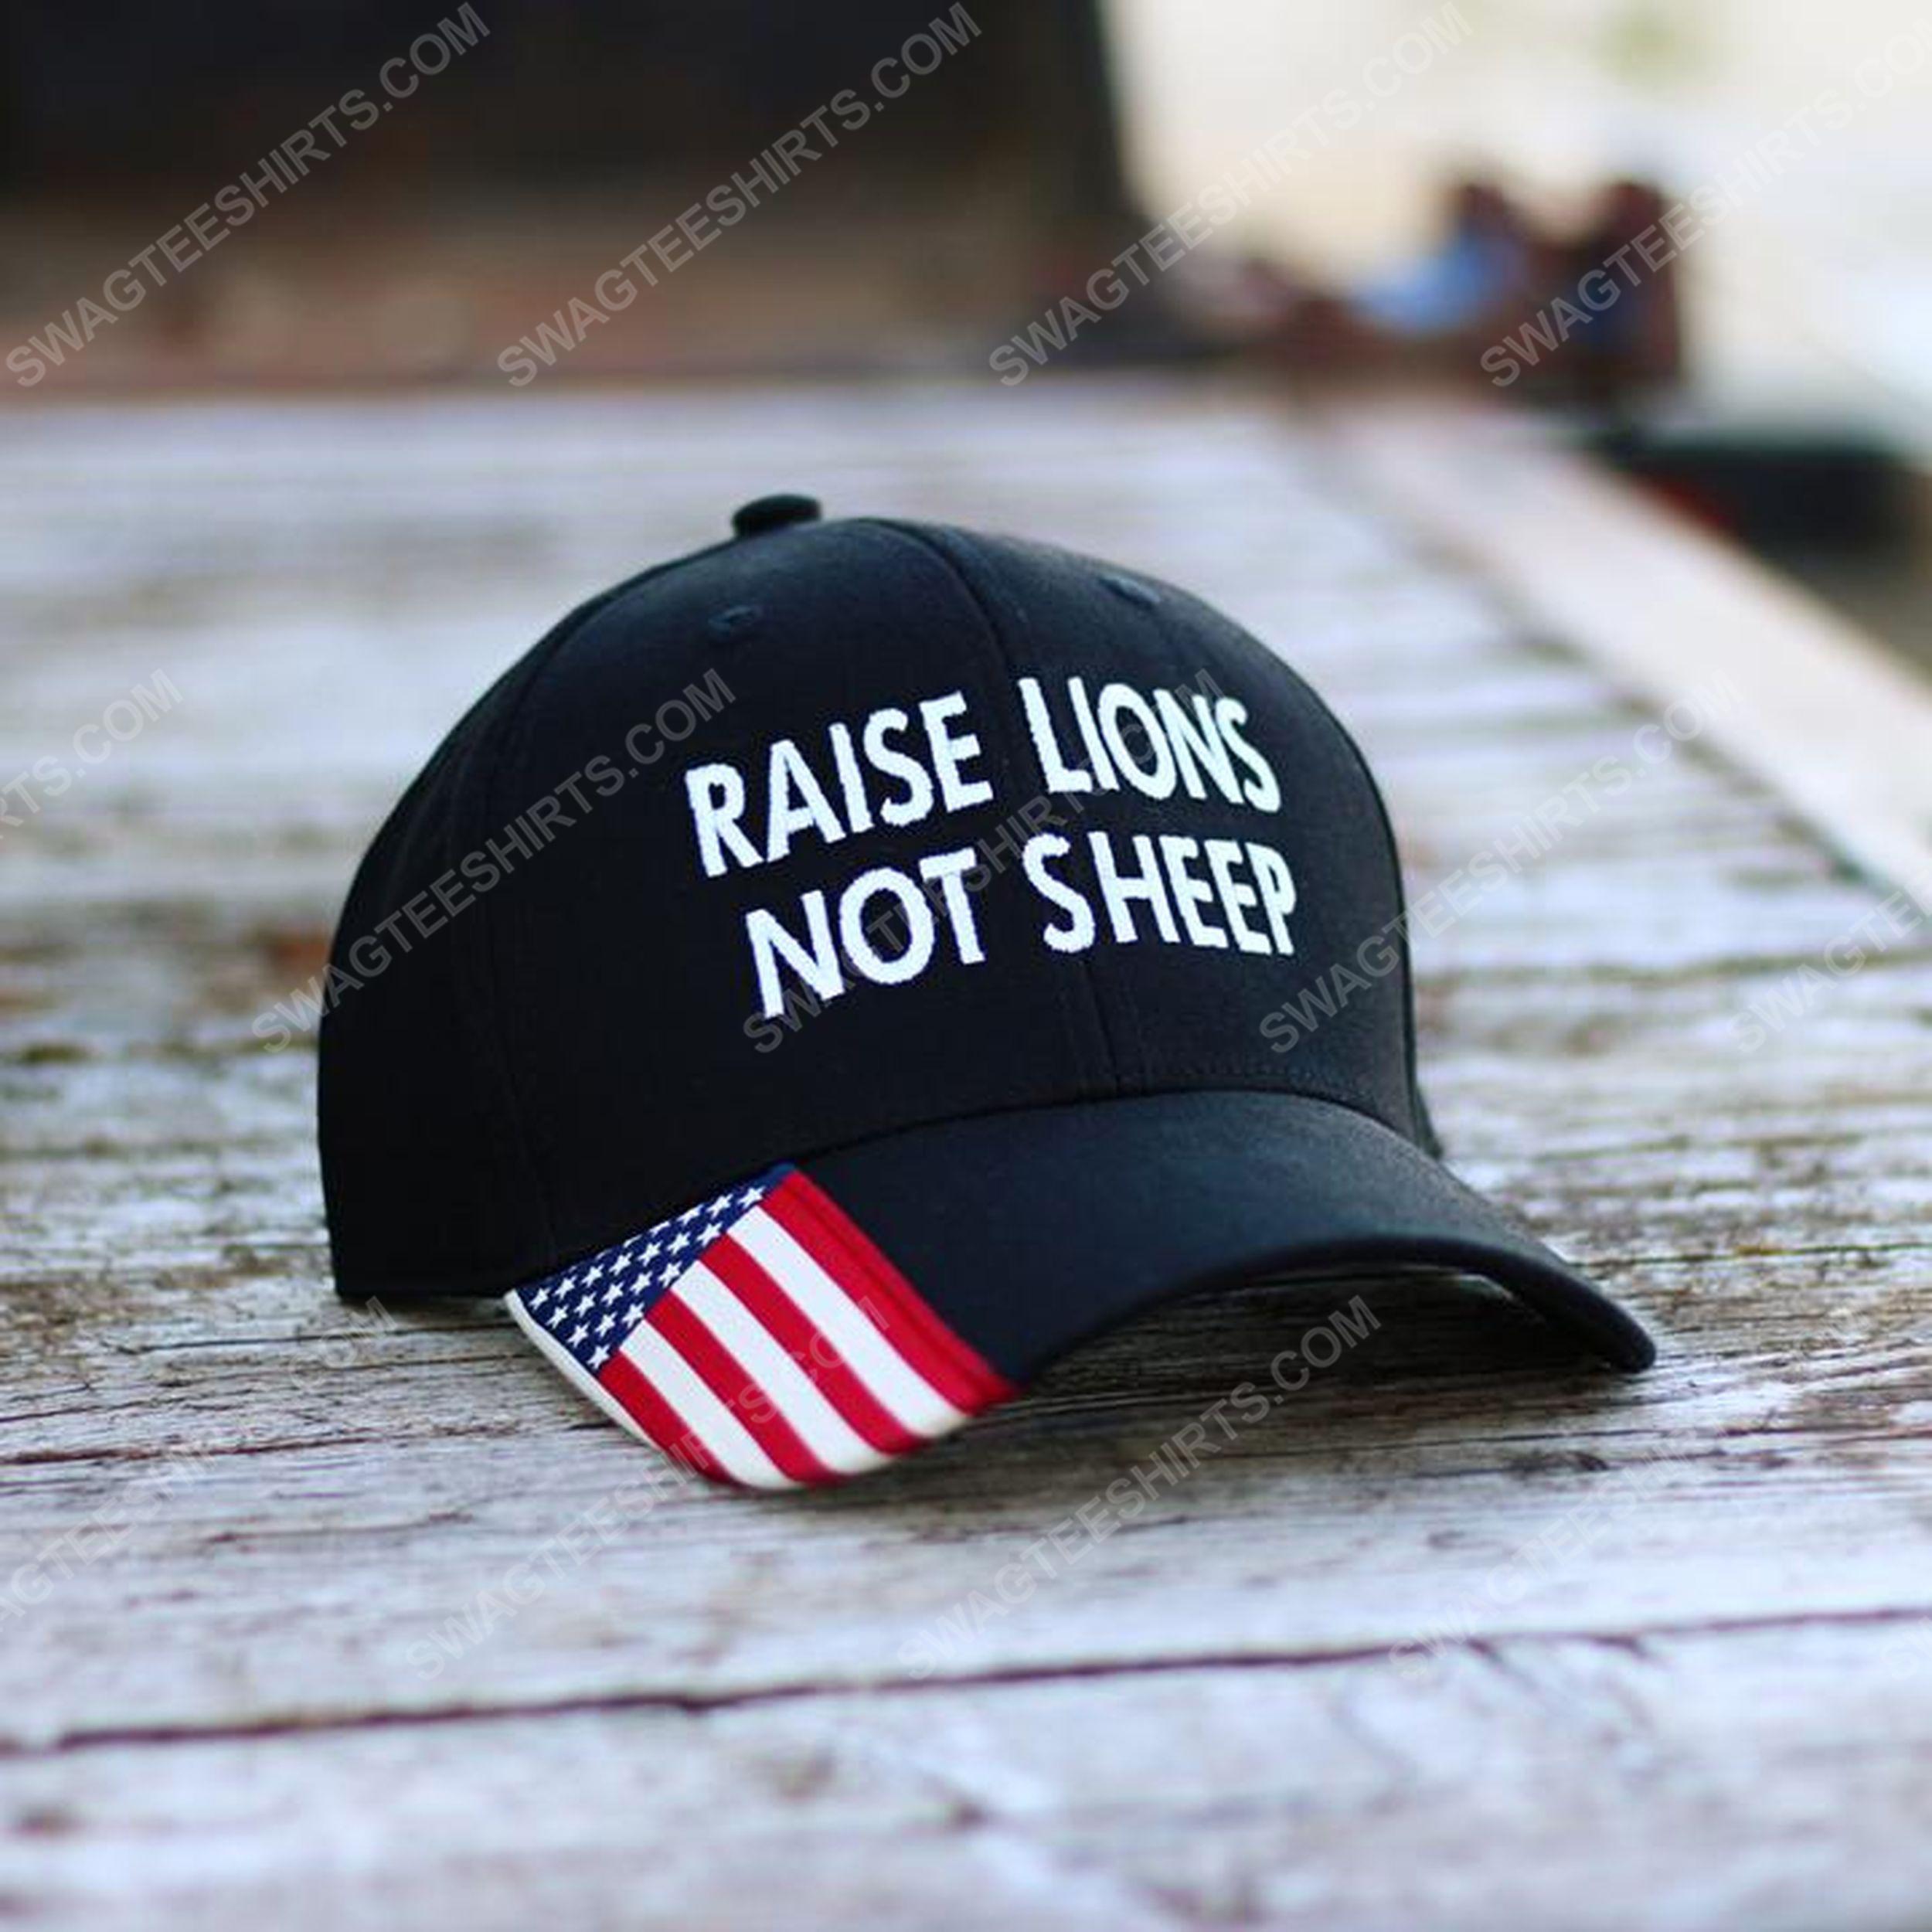 Raise lions not sheep full print classic hat 1